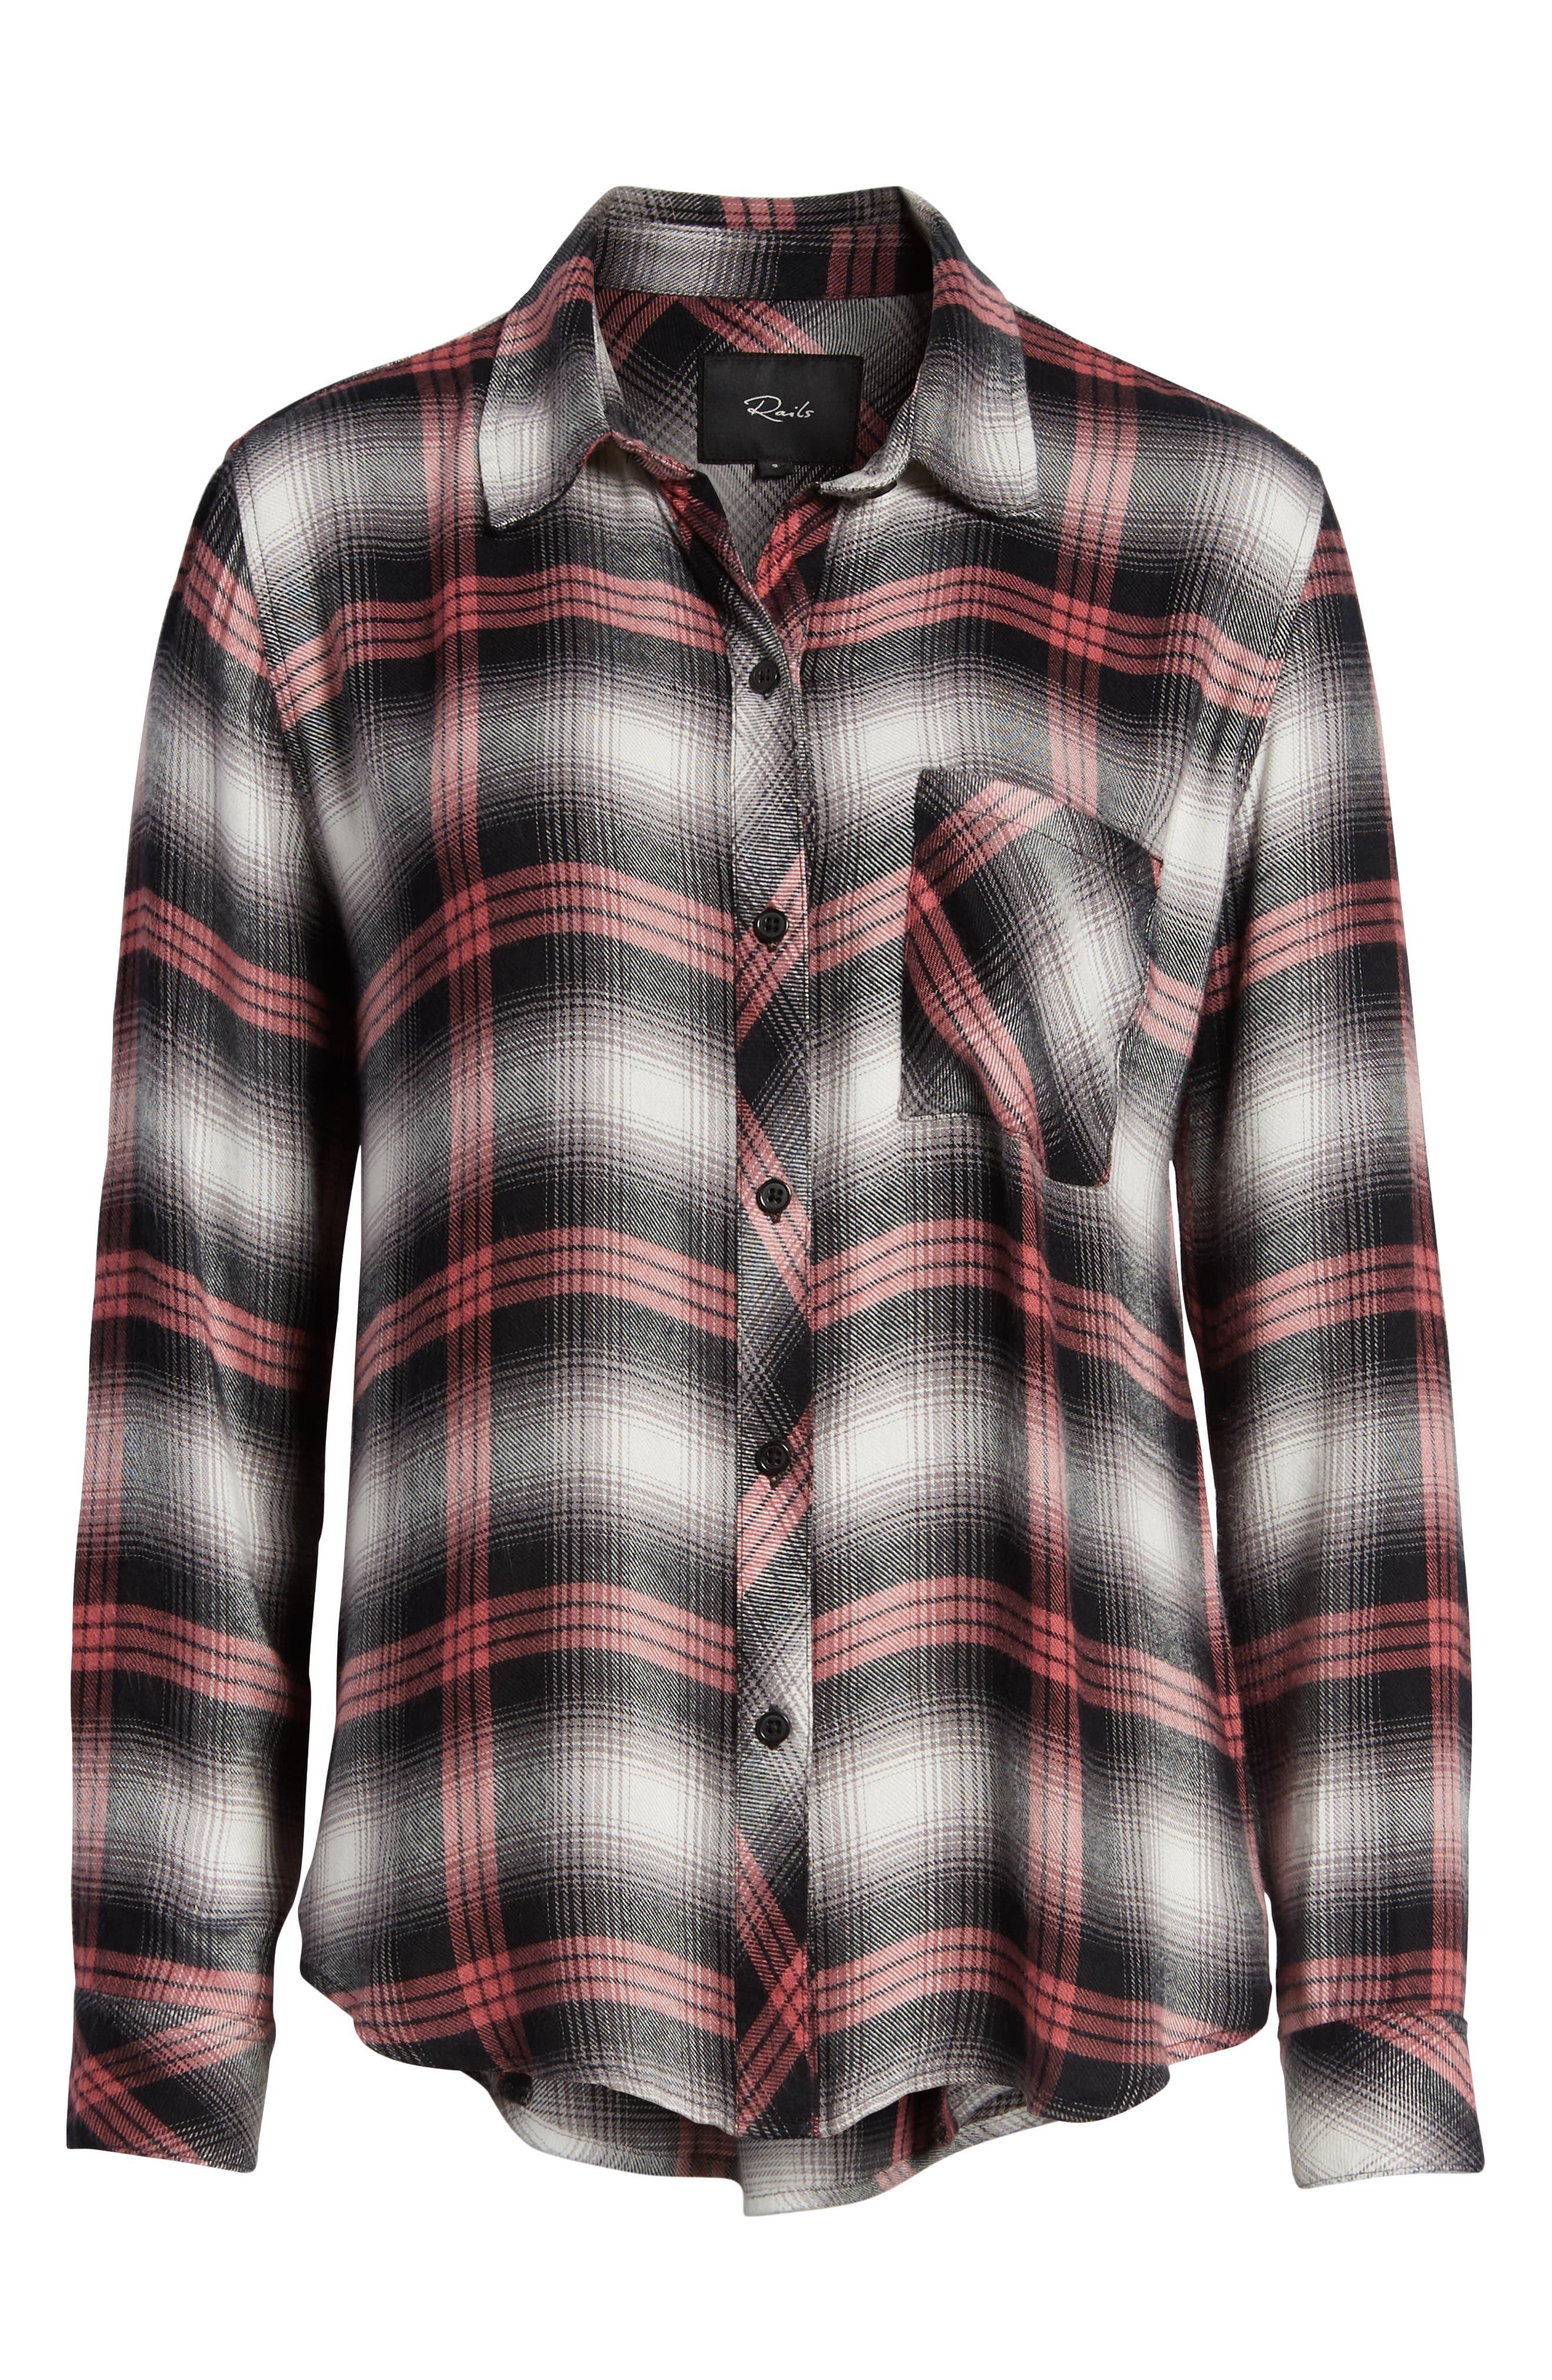 Hunter Plaid Shirt,                             Alternate thumbnail 8, color,                             BLACK TAFFY